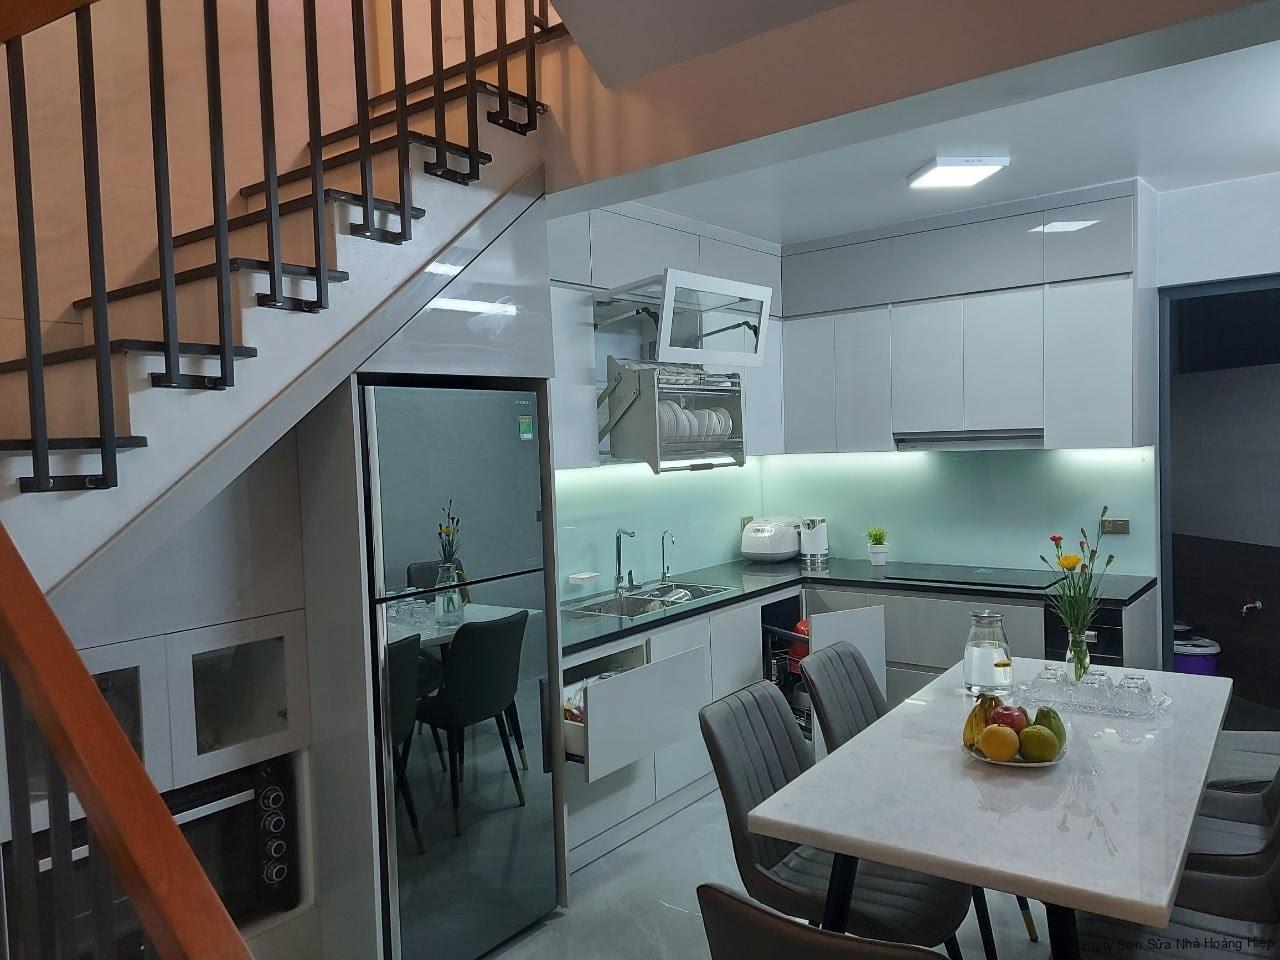 Tủ bếp dưới với bề mặt Melamine hiện đại, thiết kế hộc tủ kéo rộng rãi thuận tiện cho việc nấu nướng